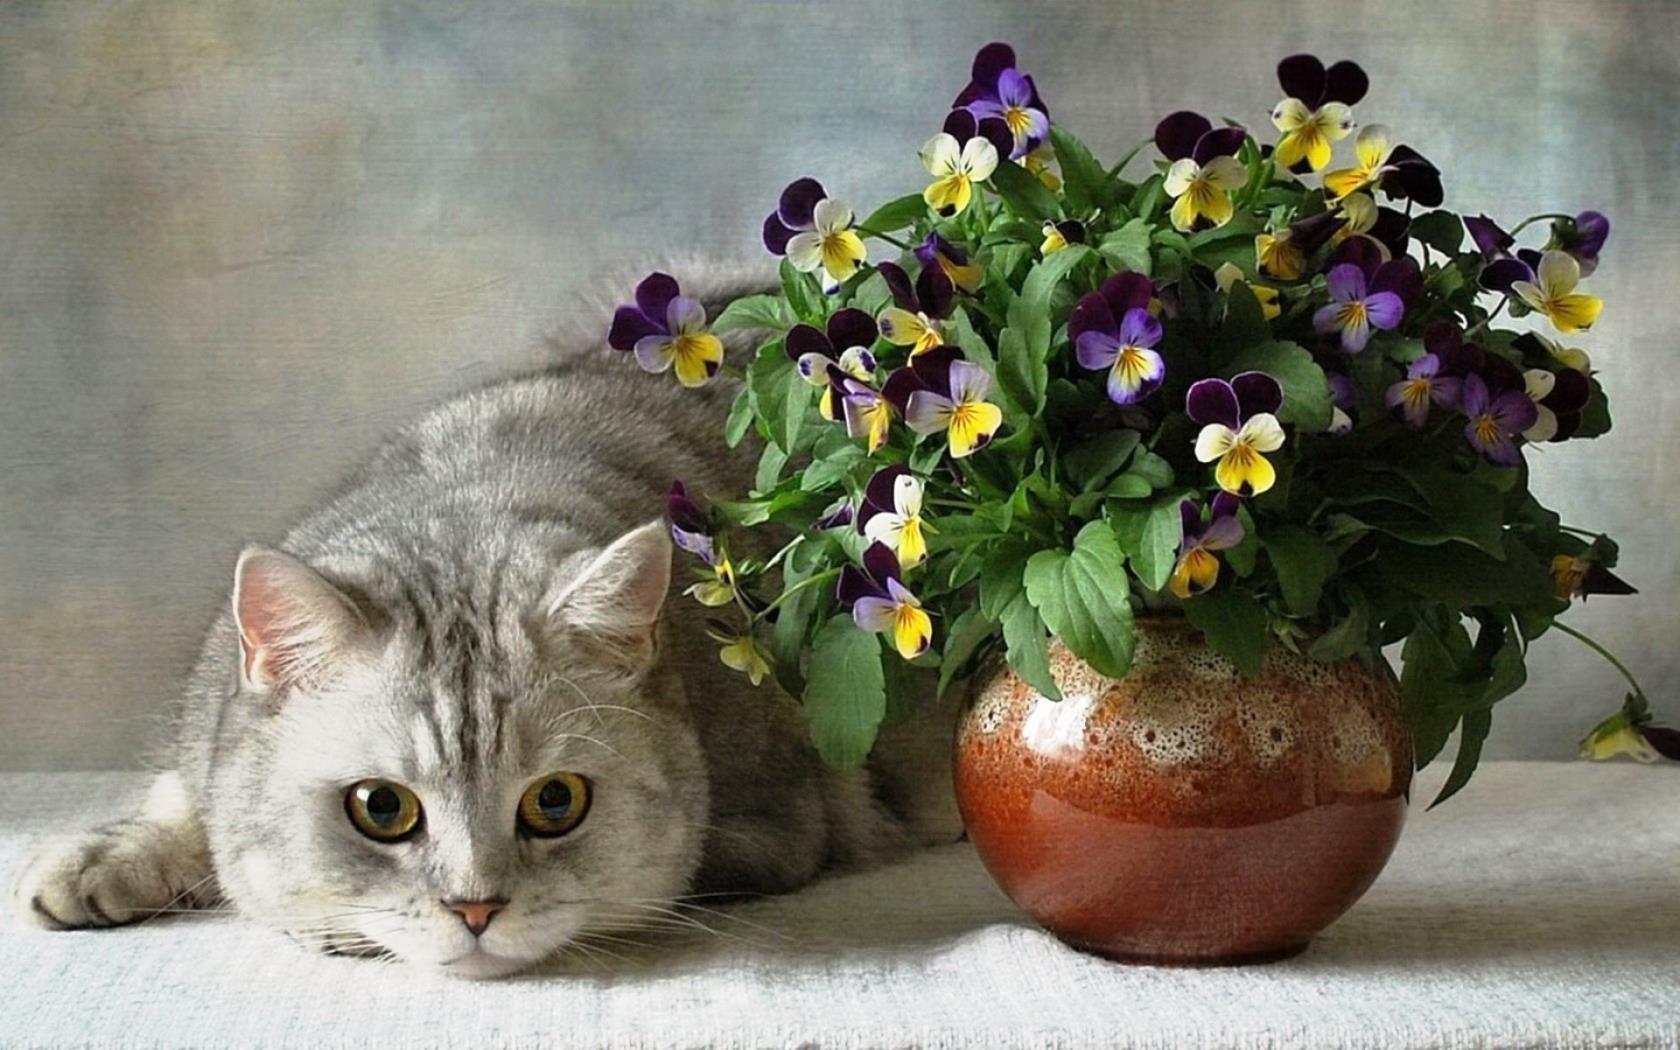 Картинка котенка в цветах все вредности переделал